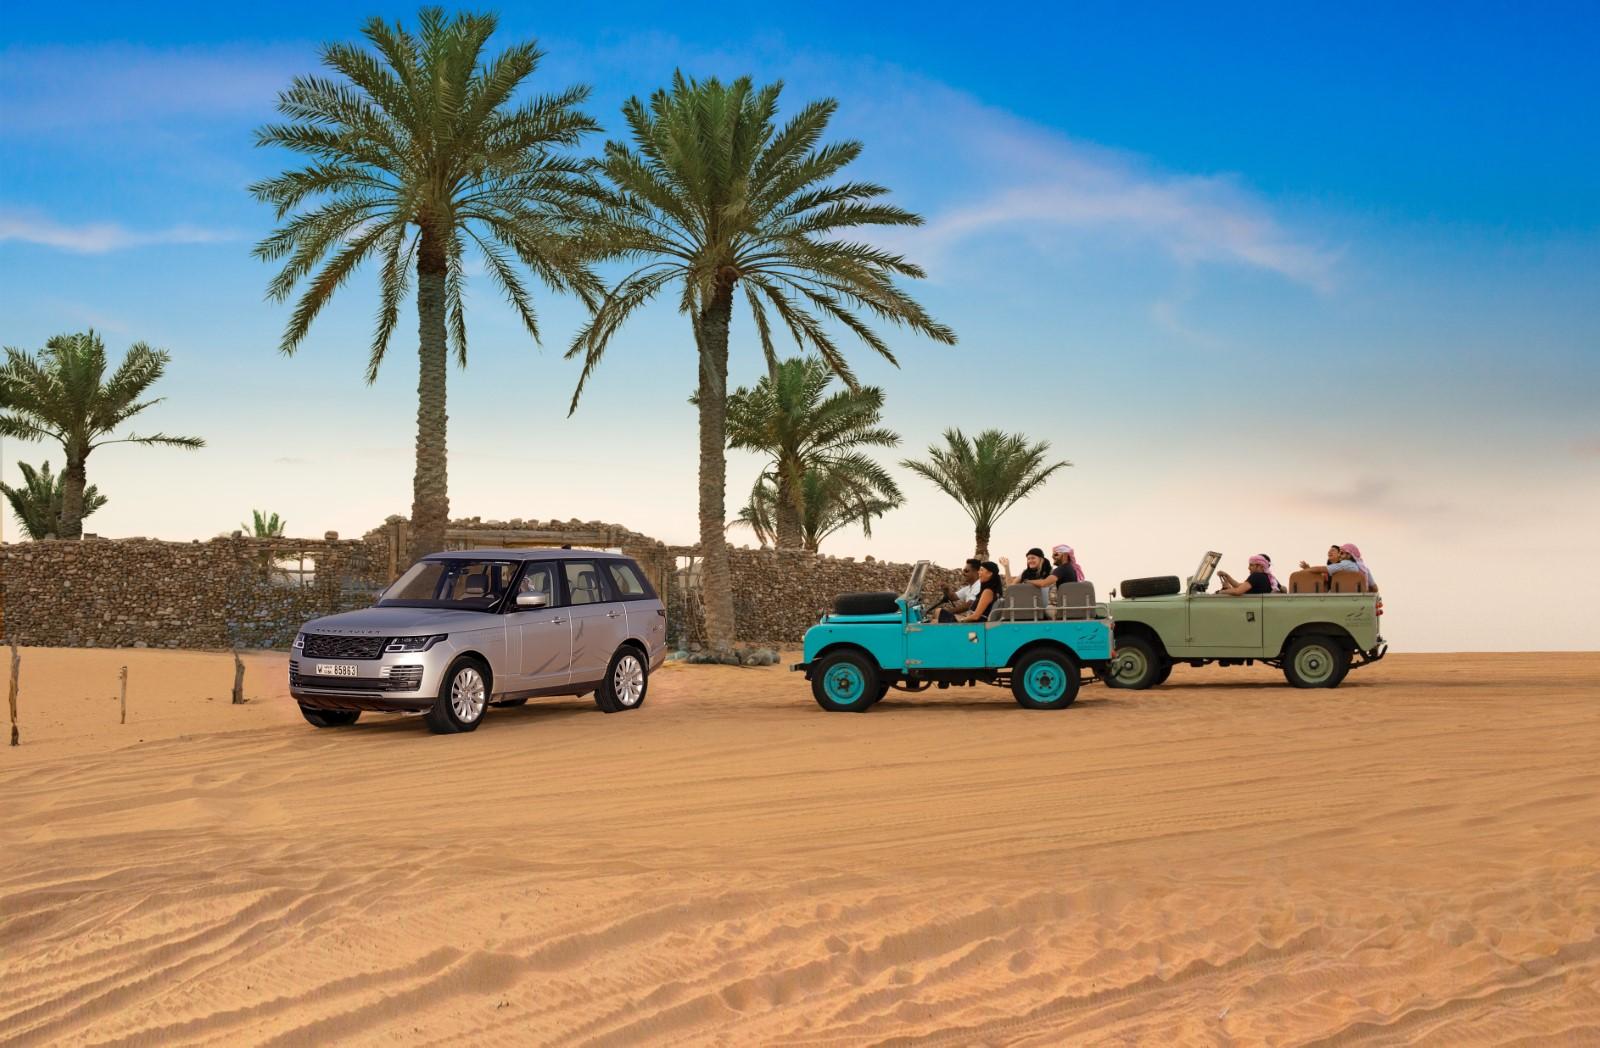 Vacances à Dubaï - Combien ça coûte ? Le prix réel des choses.